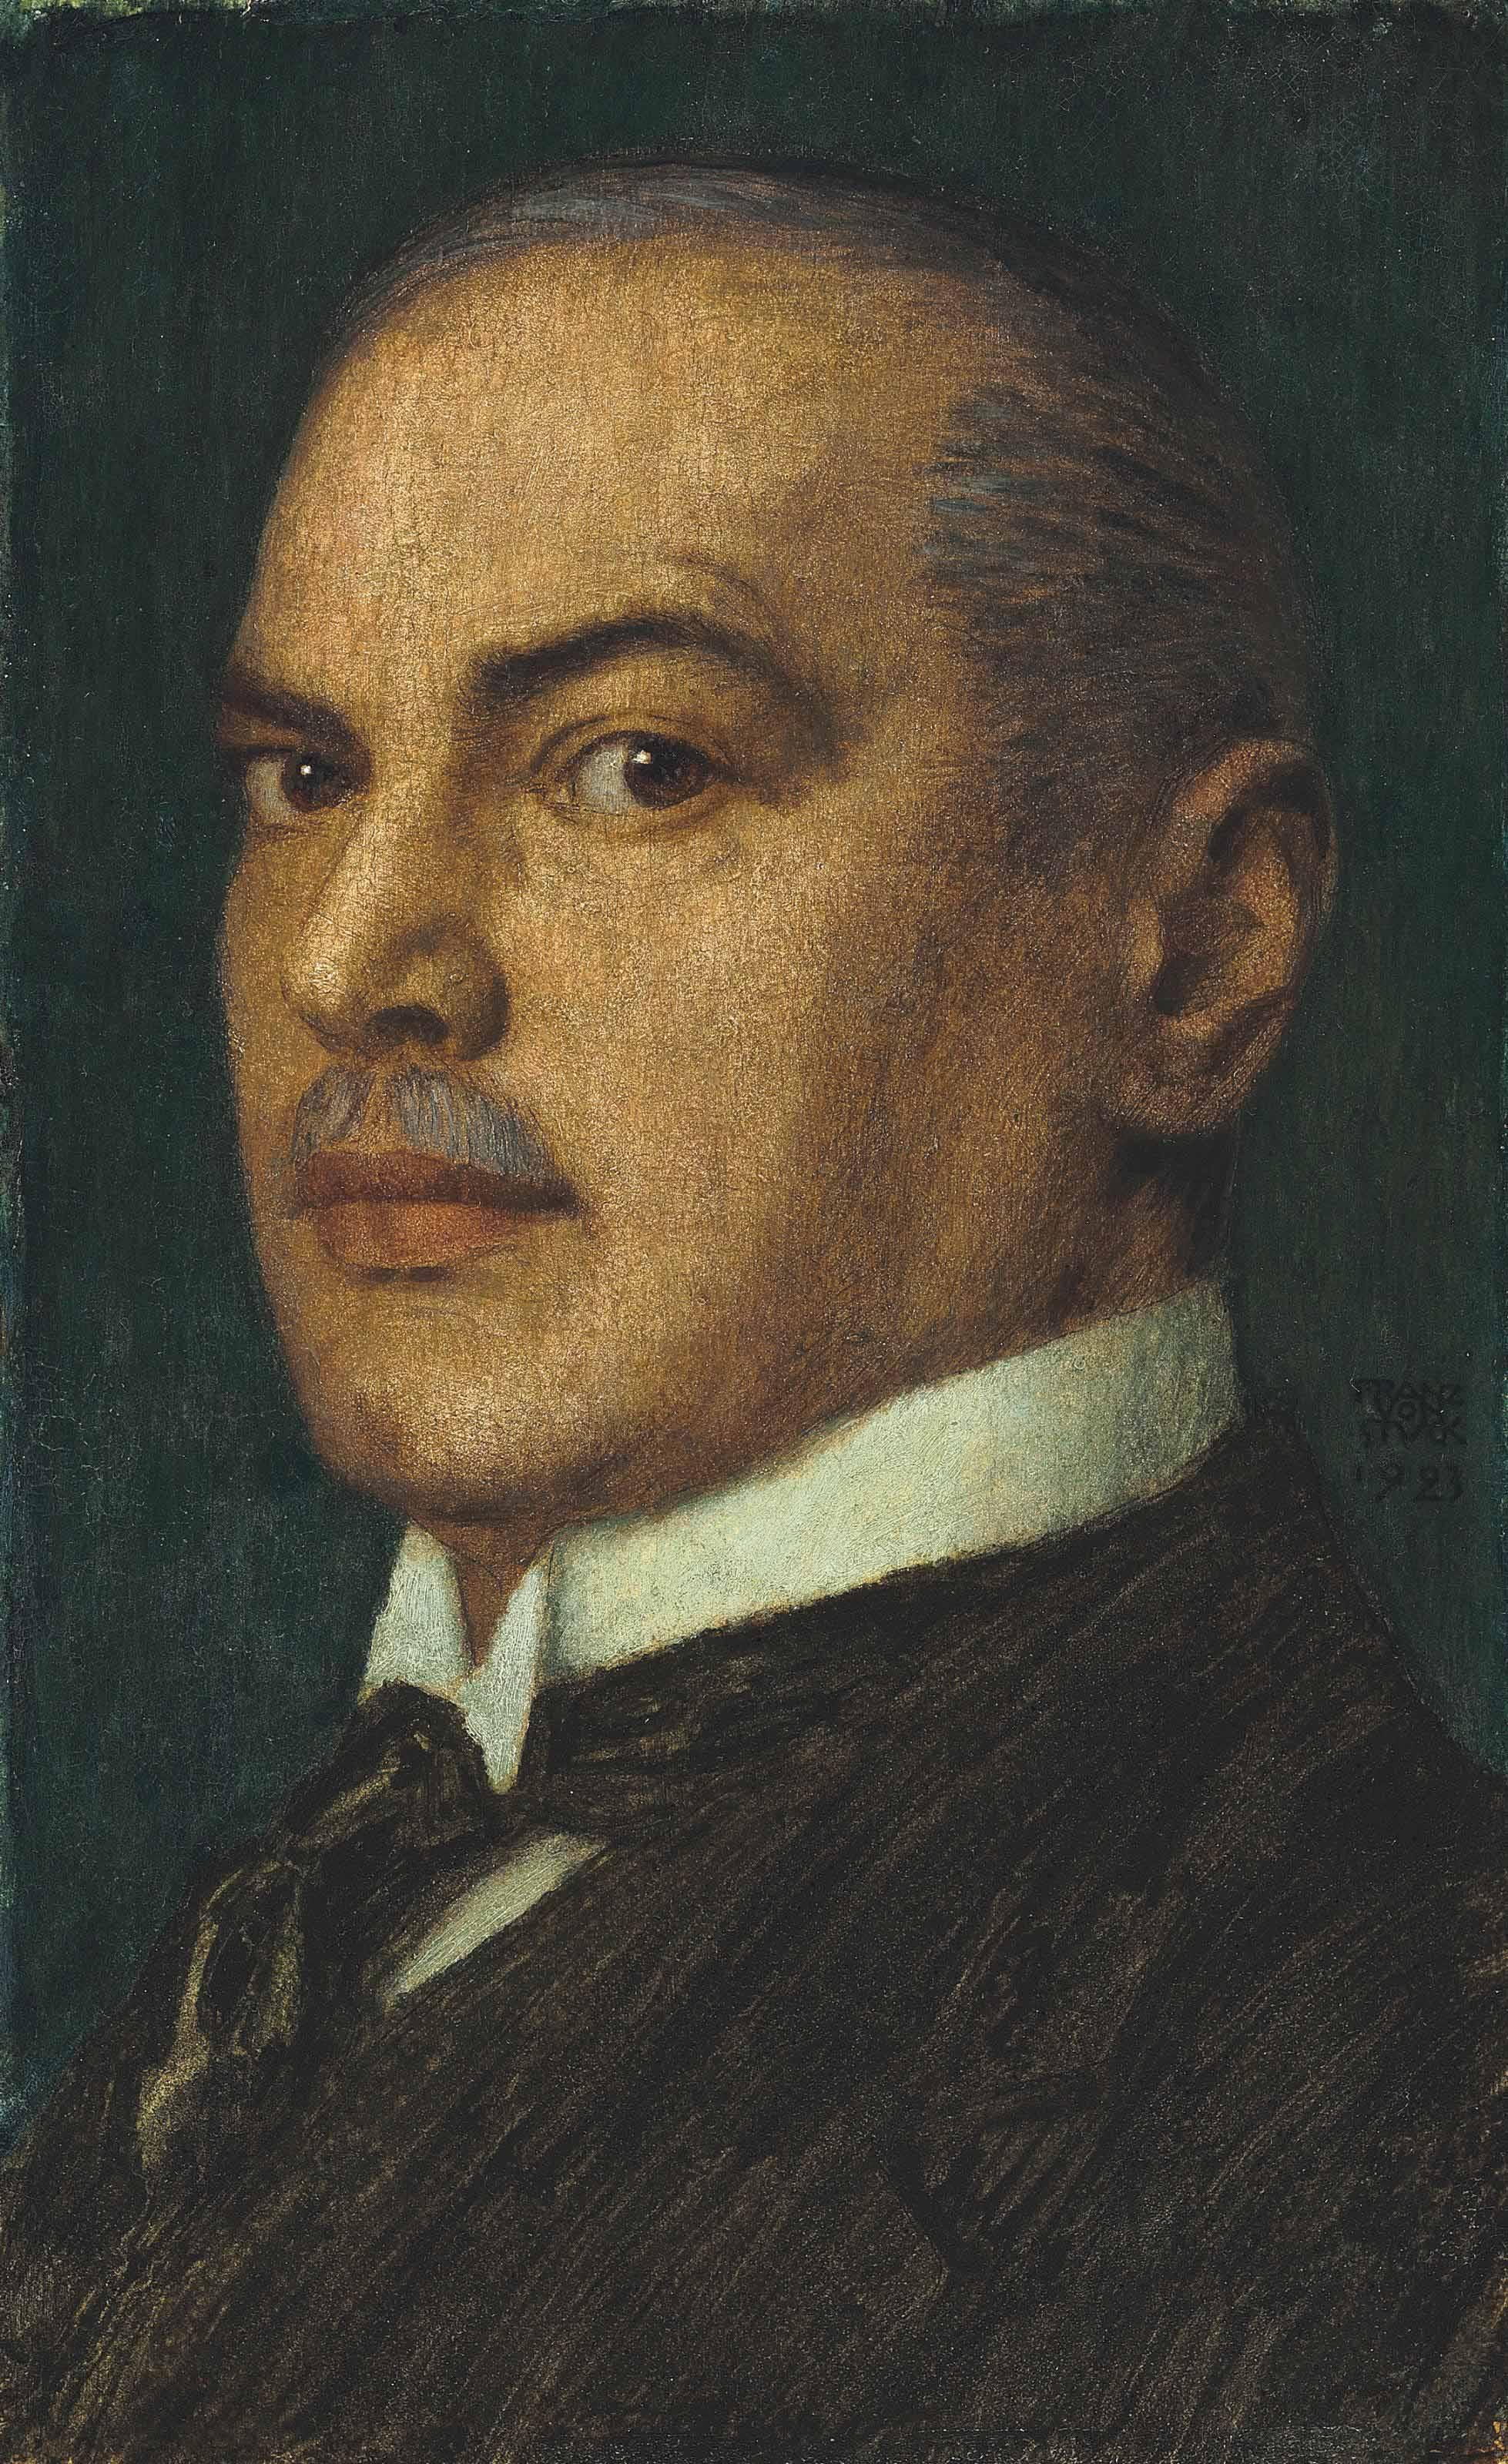 Franz Von Stuck (German, 1863-